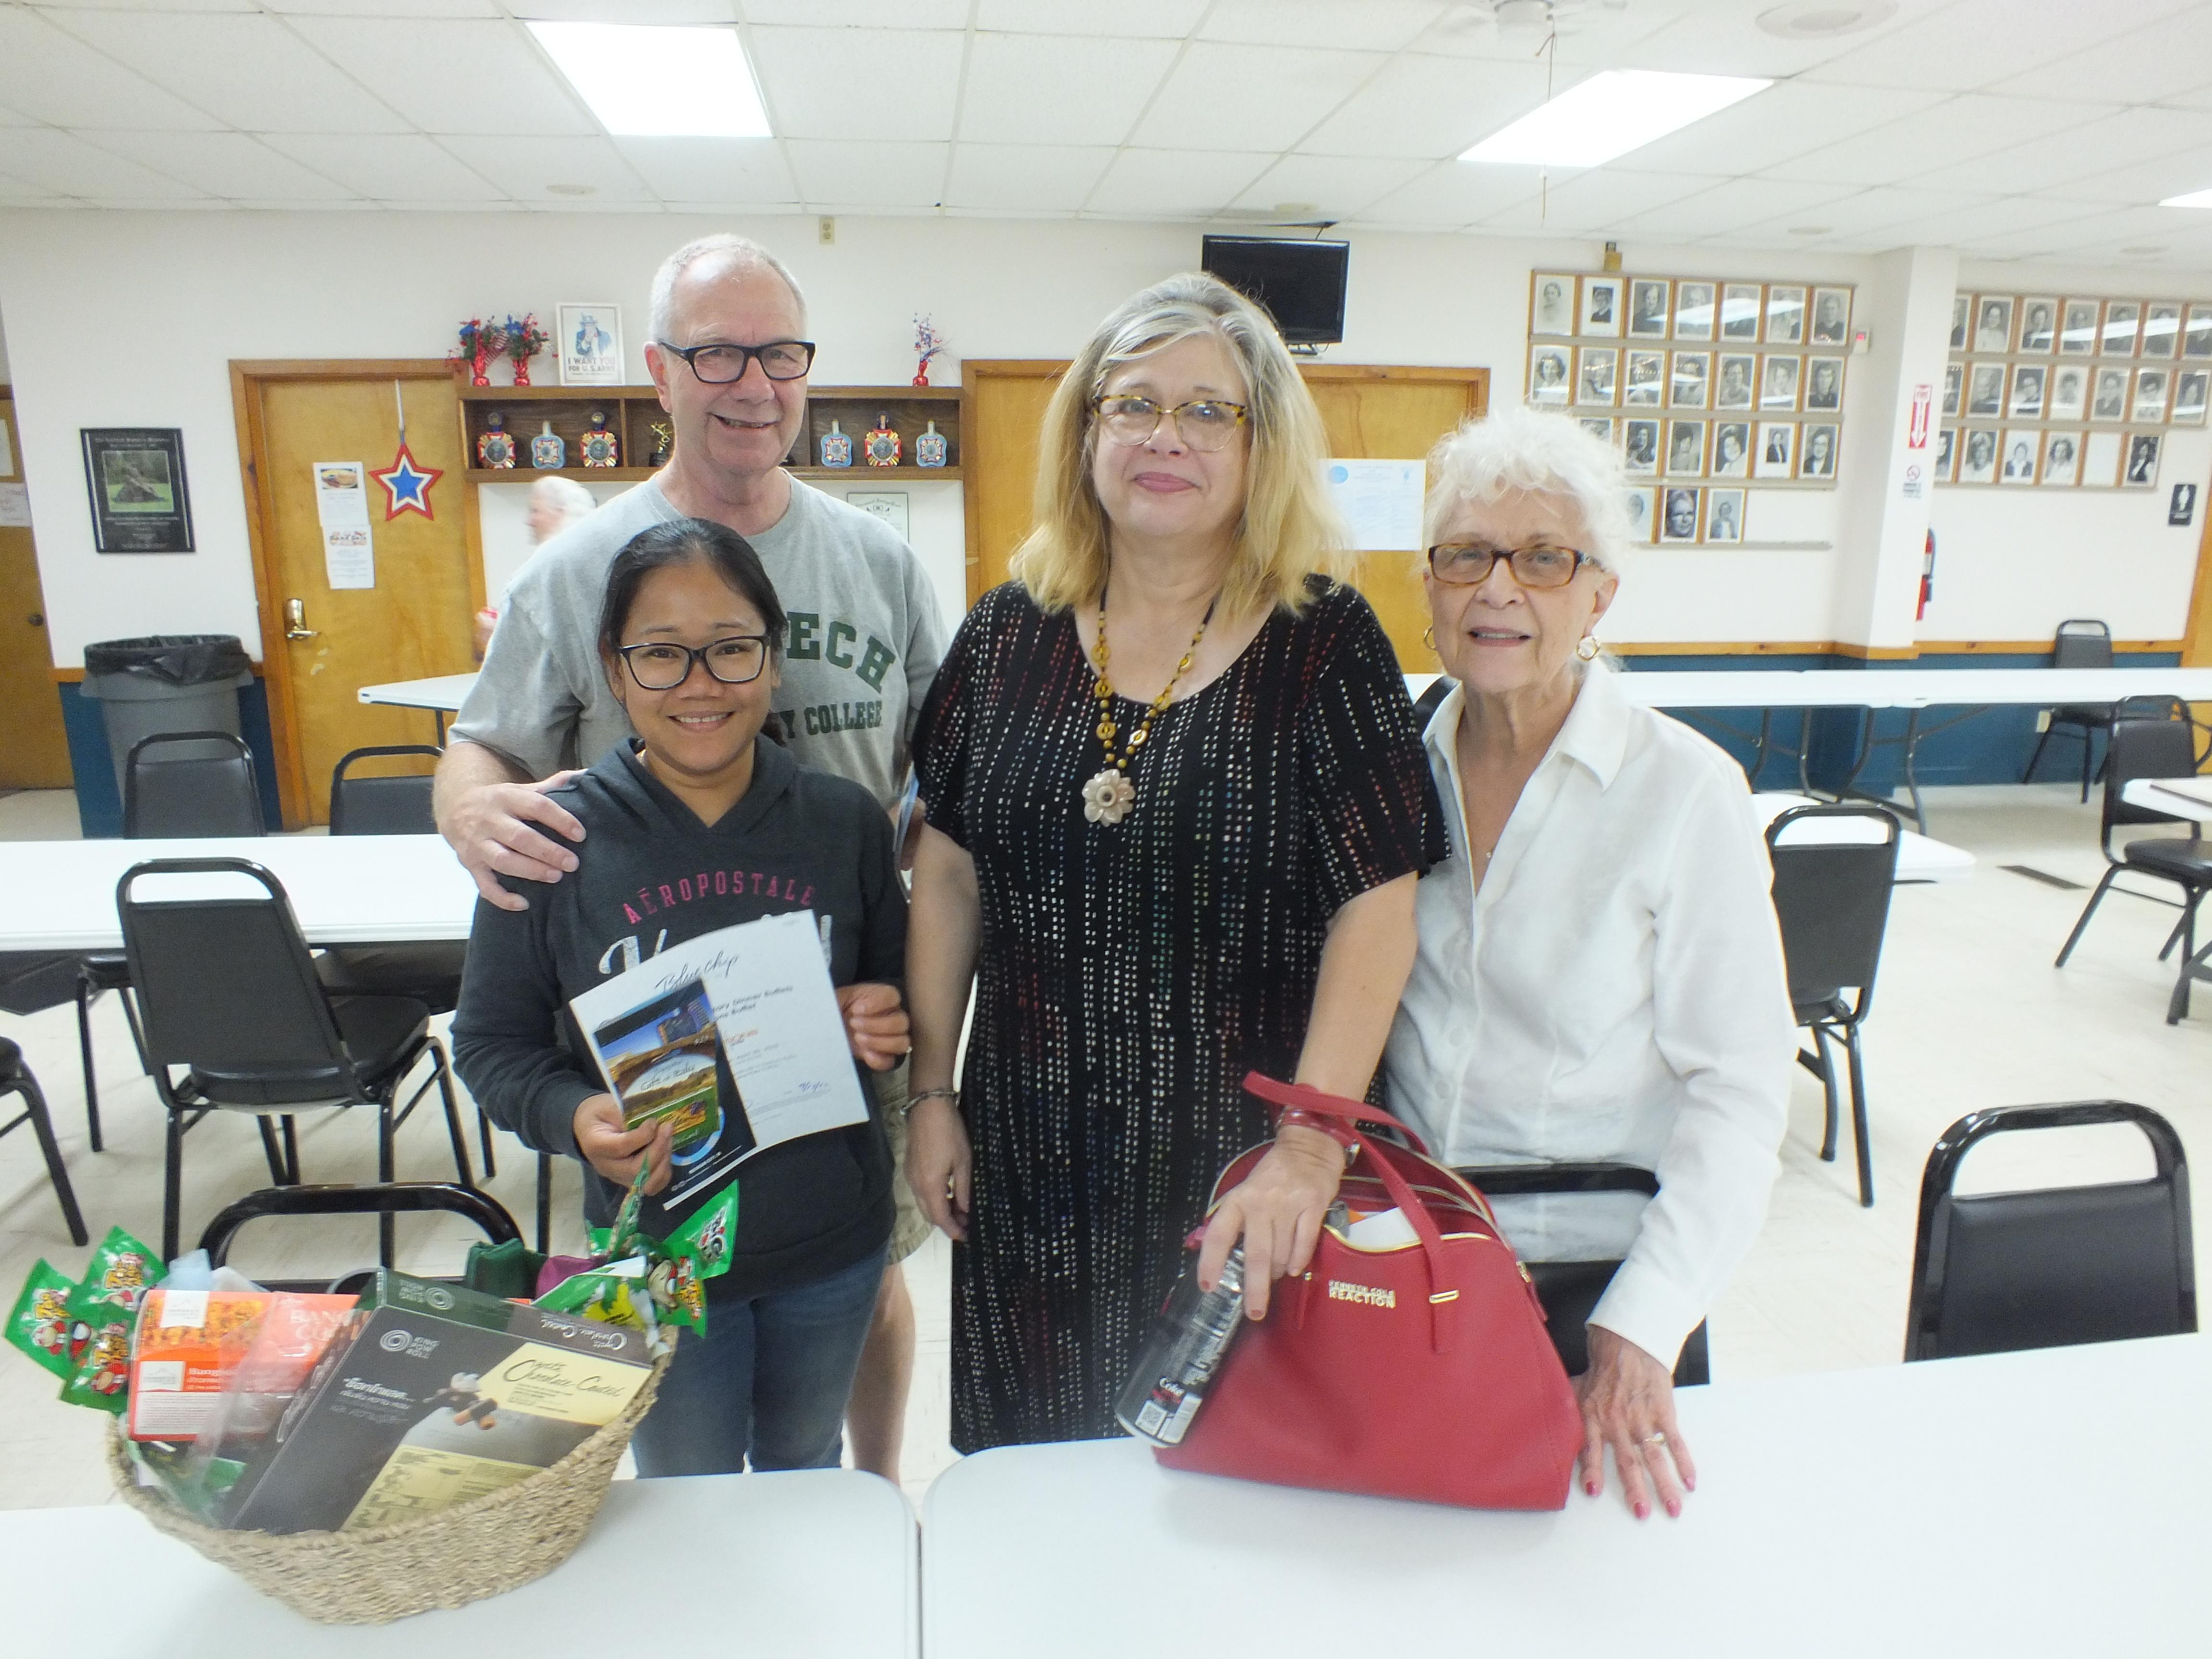 READ La Porte County Scrabble tournament a success